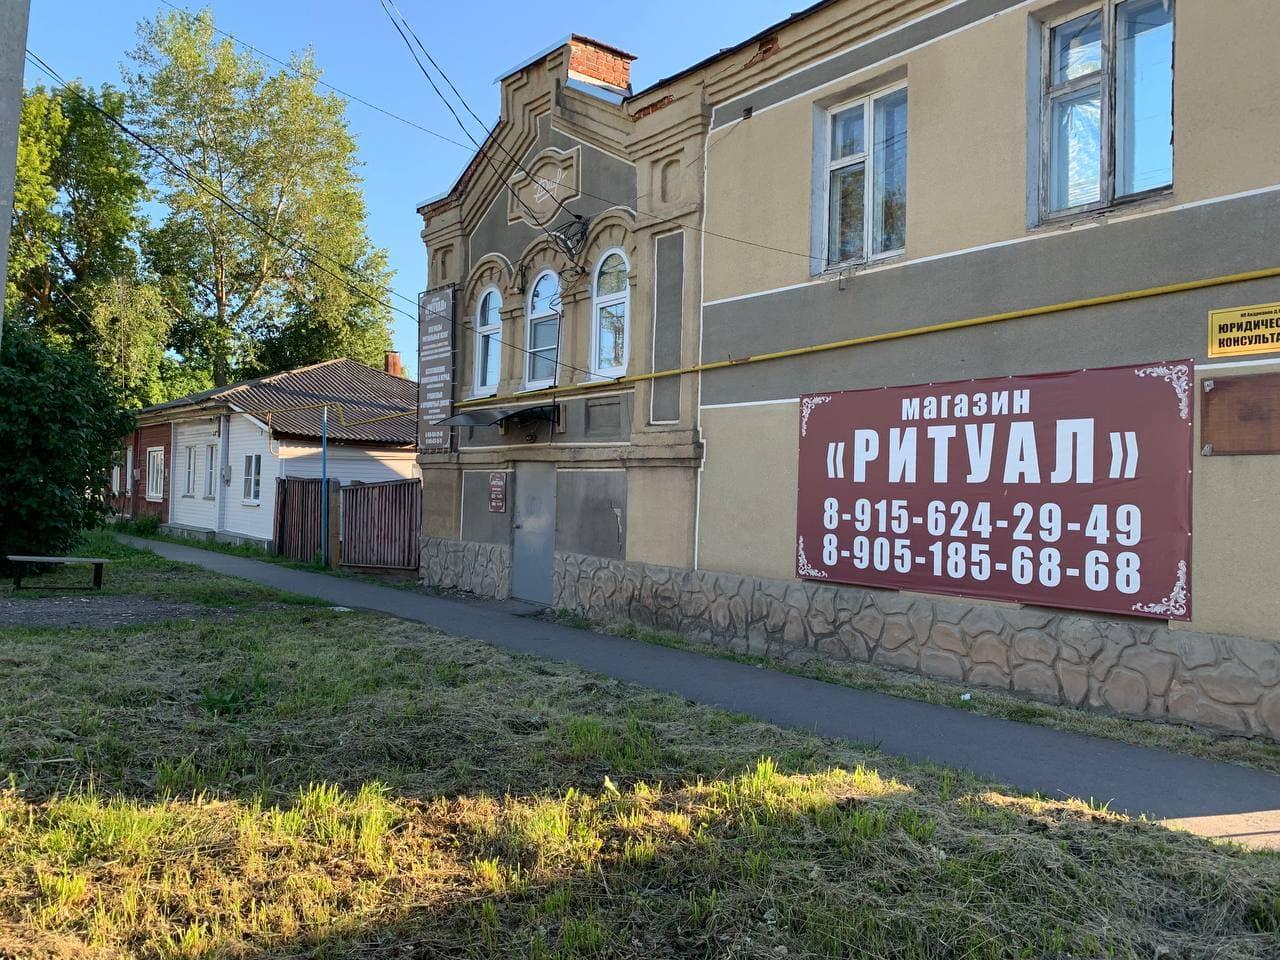 Ритуальные услуги в Шацке и Шацком районе Рязанской области: организация похорон, гробы и венки, памятники на могилу, надгробья, кресты и ограды для могил